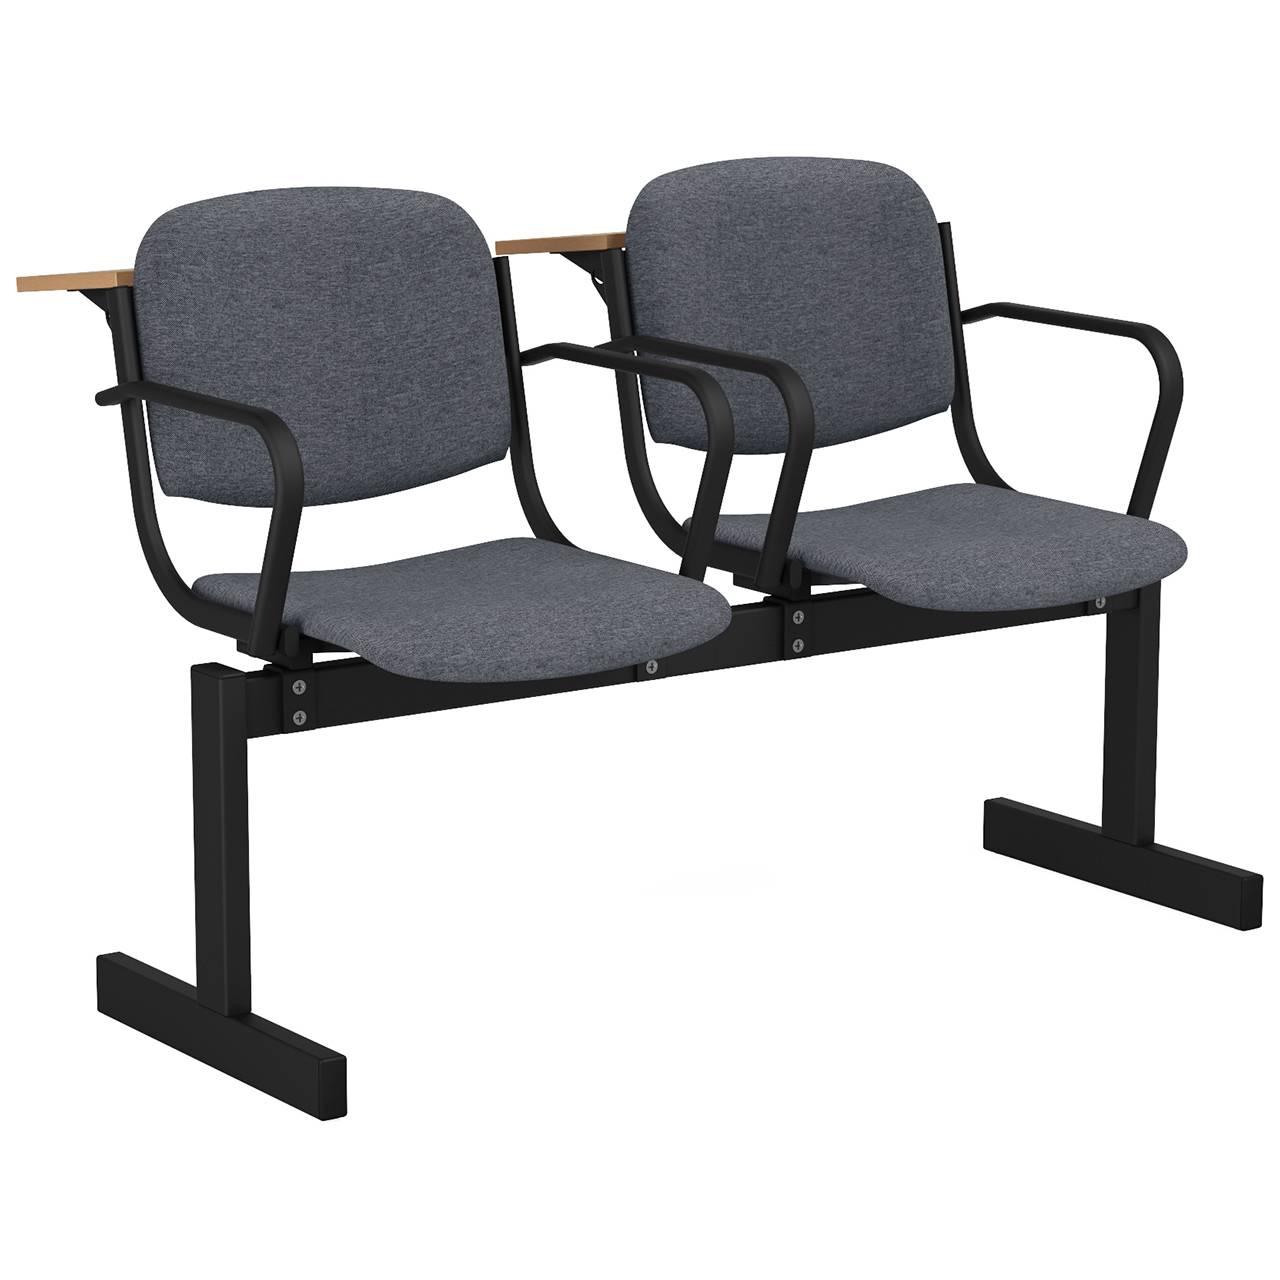 2-местный, не откидывающиеся сиденья, мягкий, подлокотники, лекционный черный серый Офисная ткань